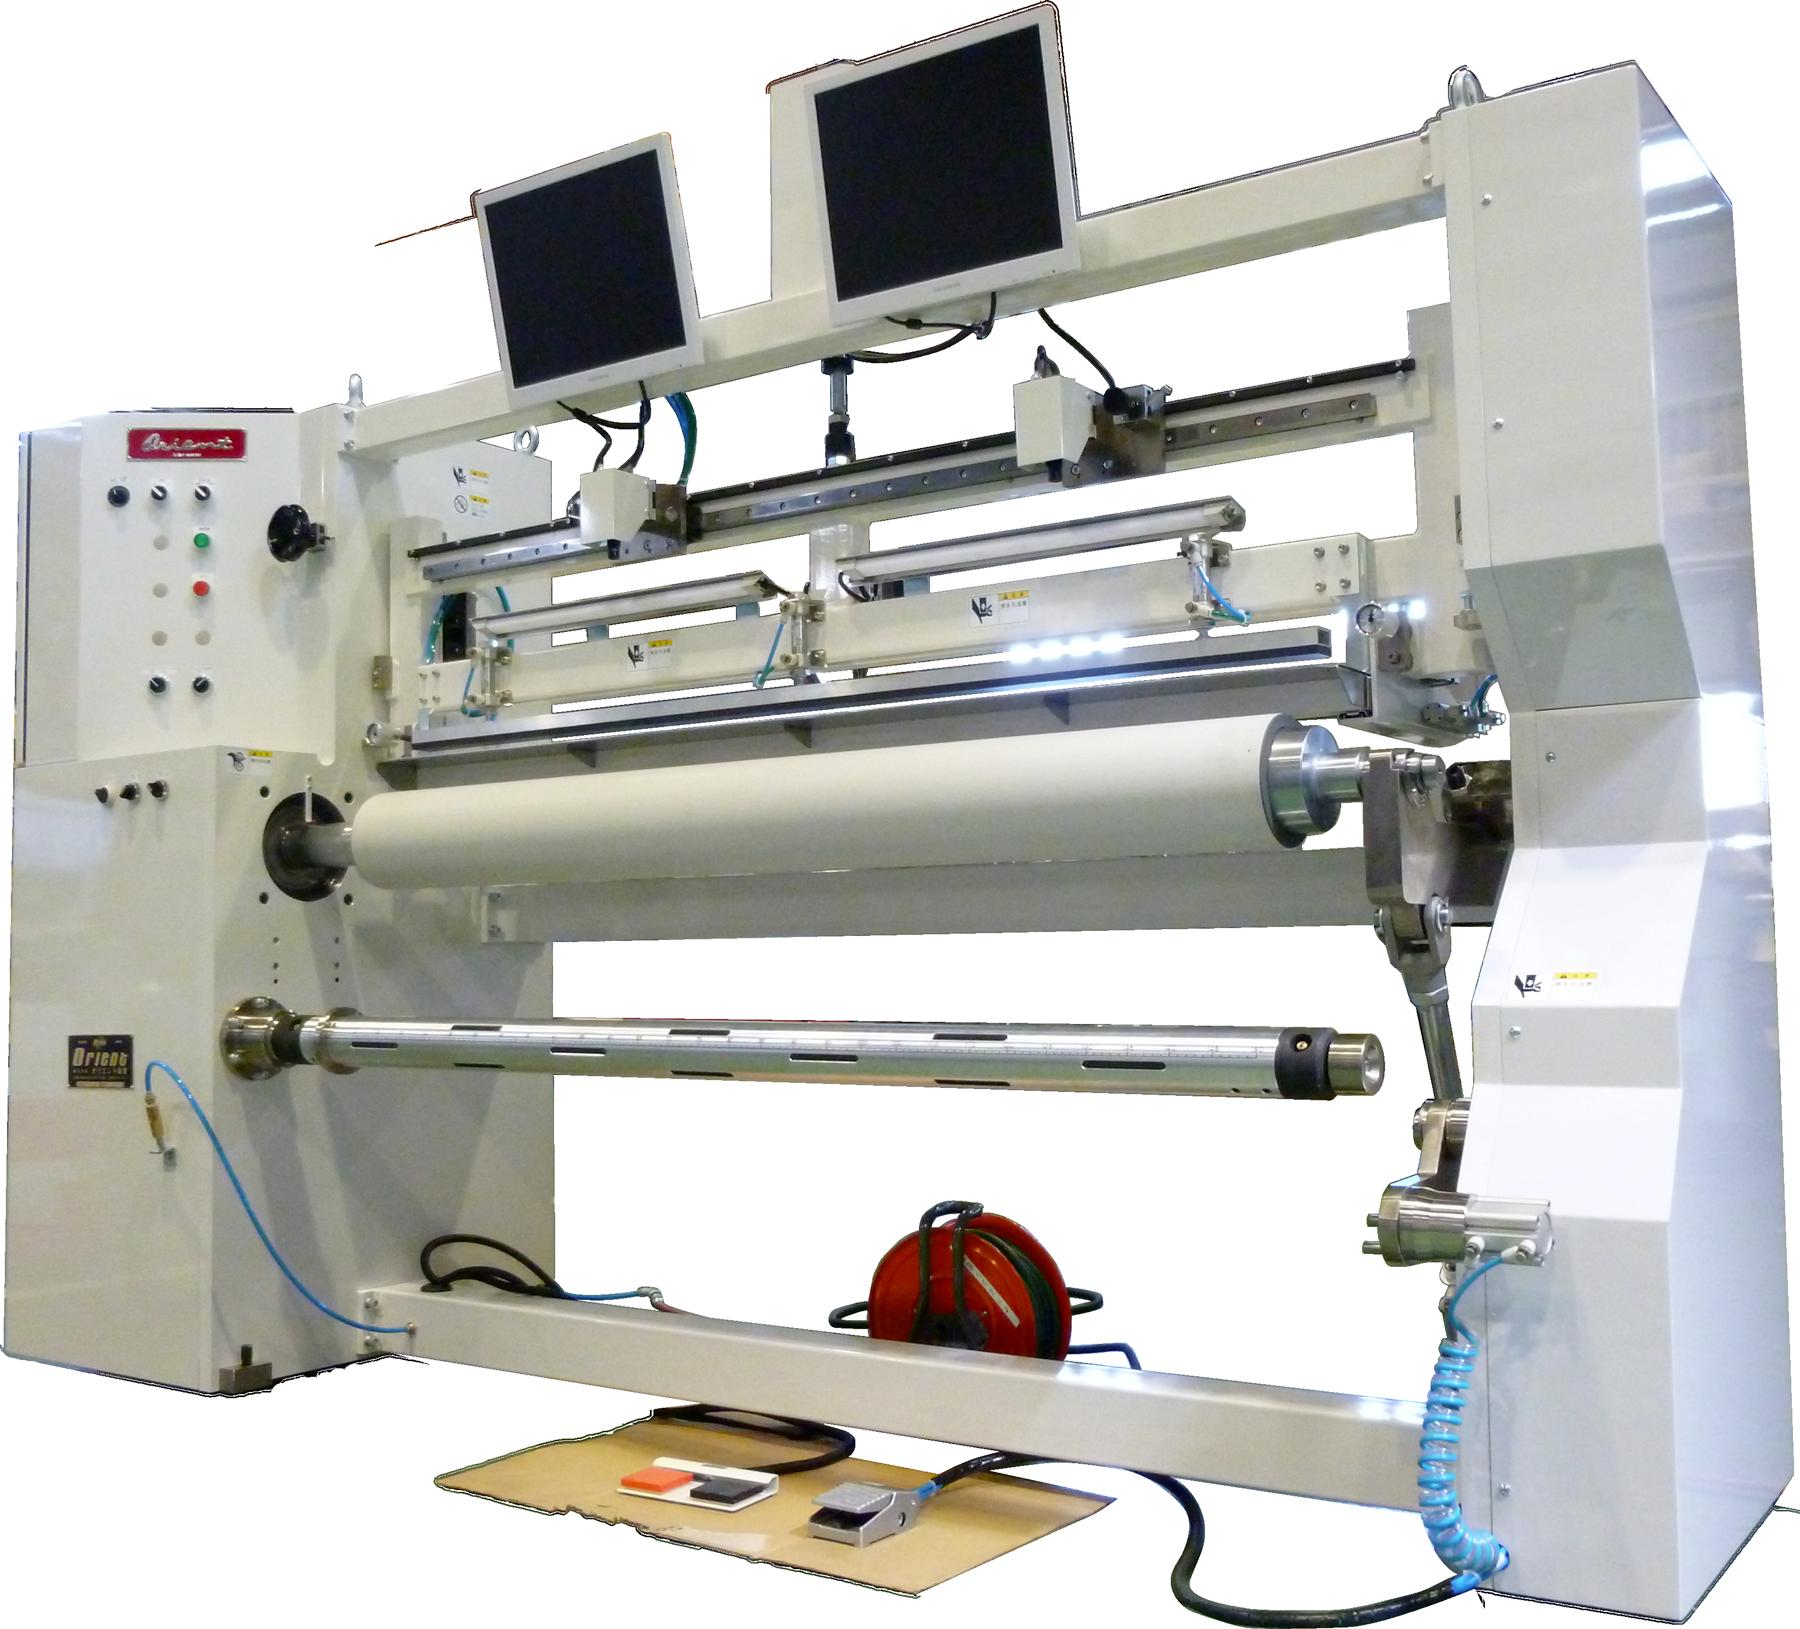 フレキソ樹脂版貼込み装置 Xmounter エクスマウンター ワイド